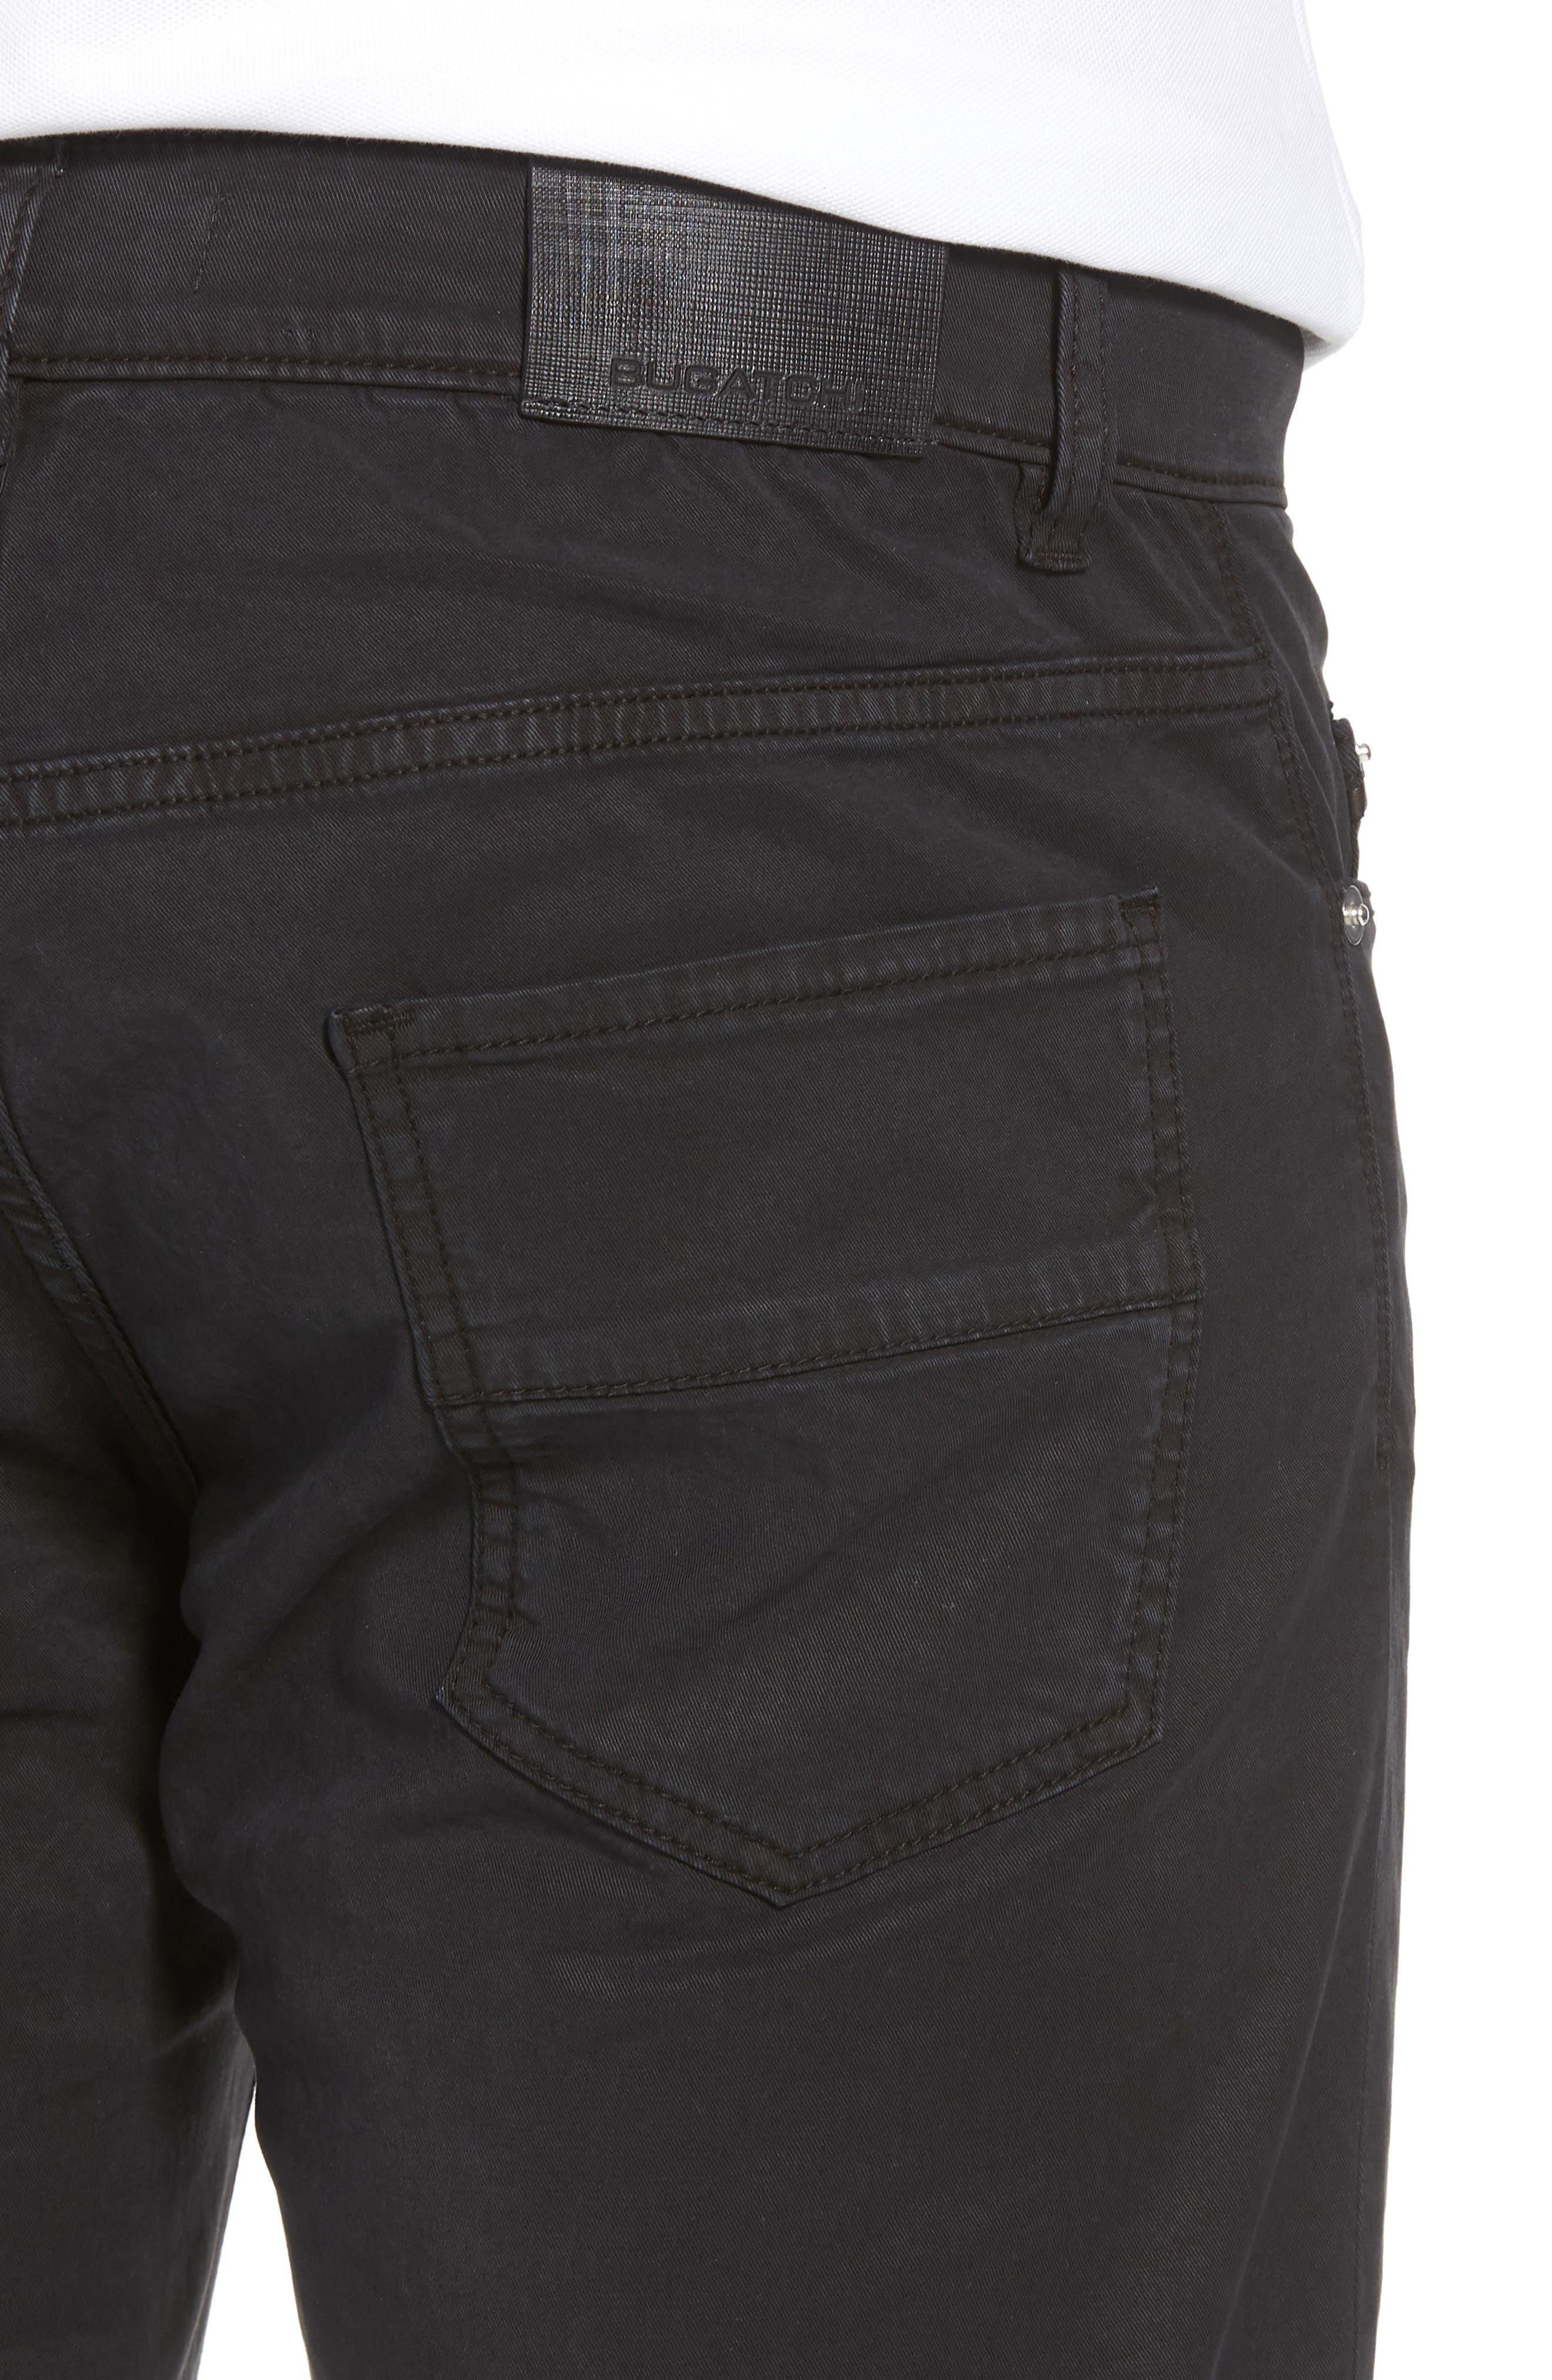 BUGATCHI,                             Trim Fit Pants,                             Alternate thumbnail 4, color,                             001